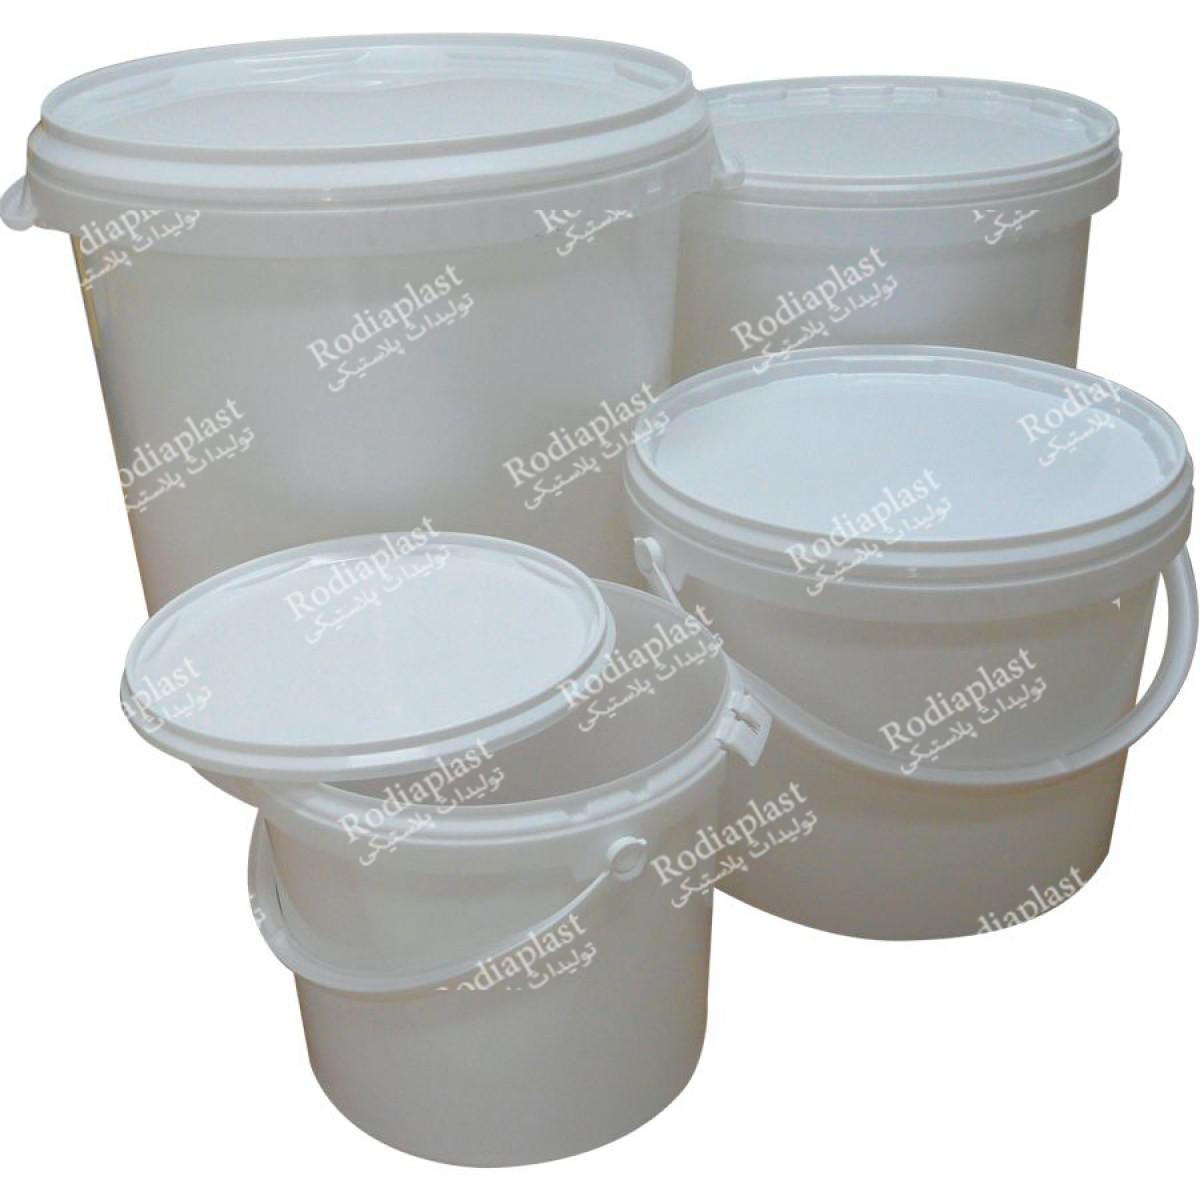 از کارخانه سطل پلاستیکی خرید کنید